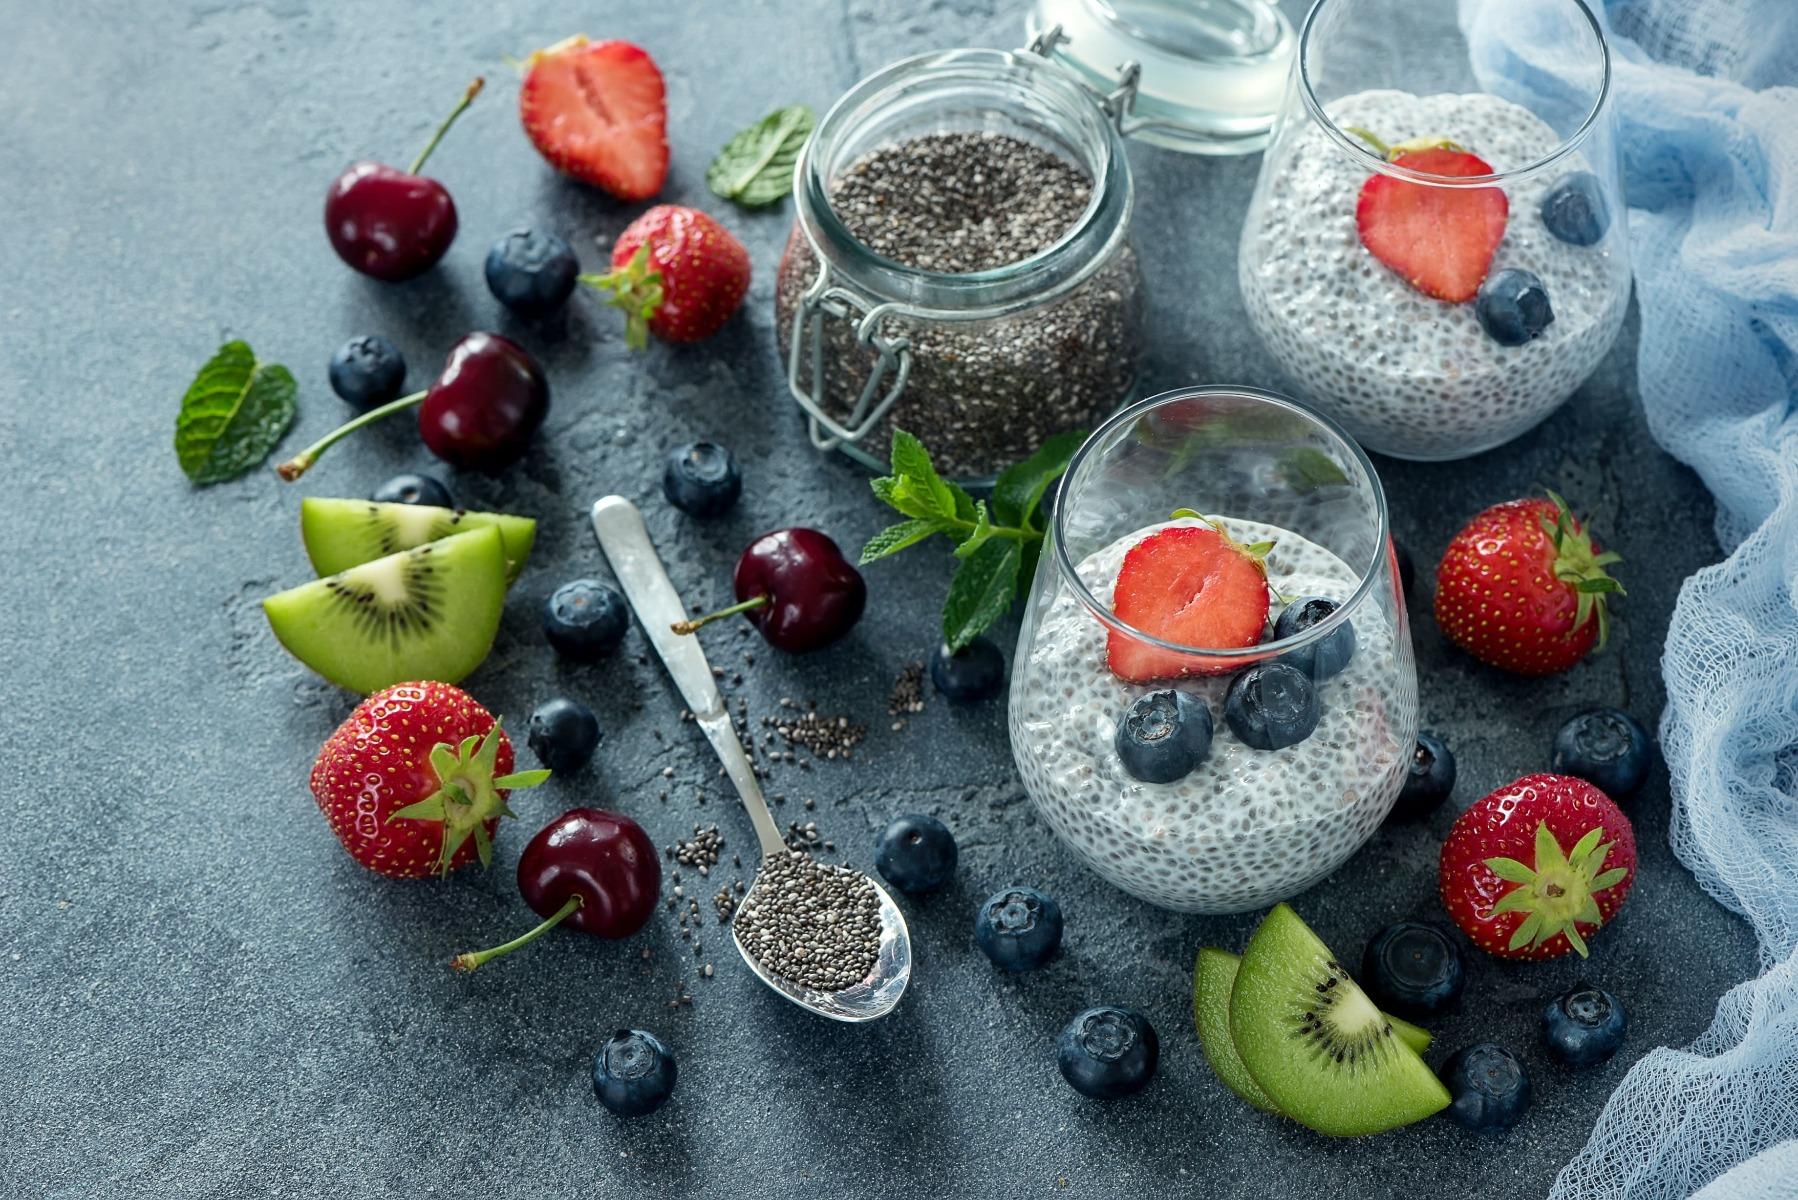 Super aliments : les meilleurs super aliments et leurs bienfaits